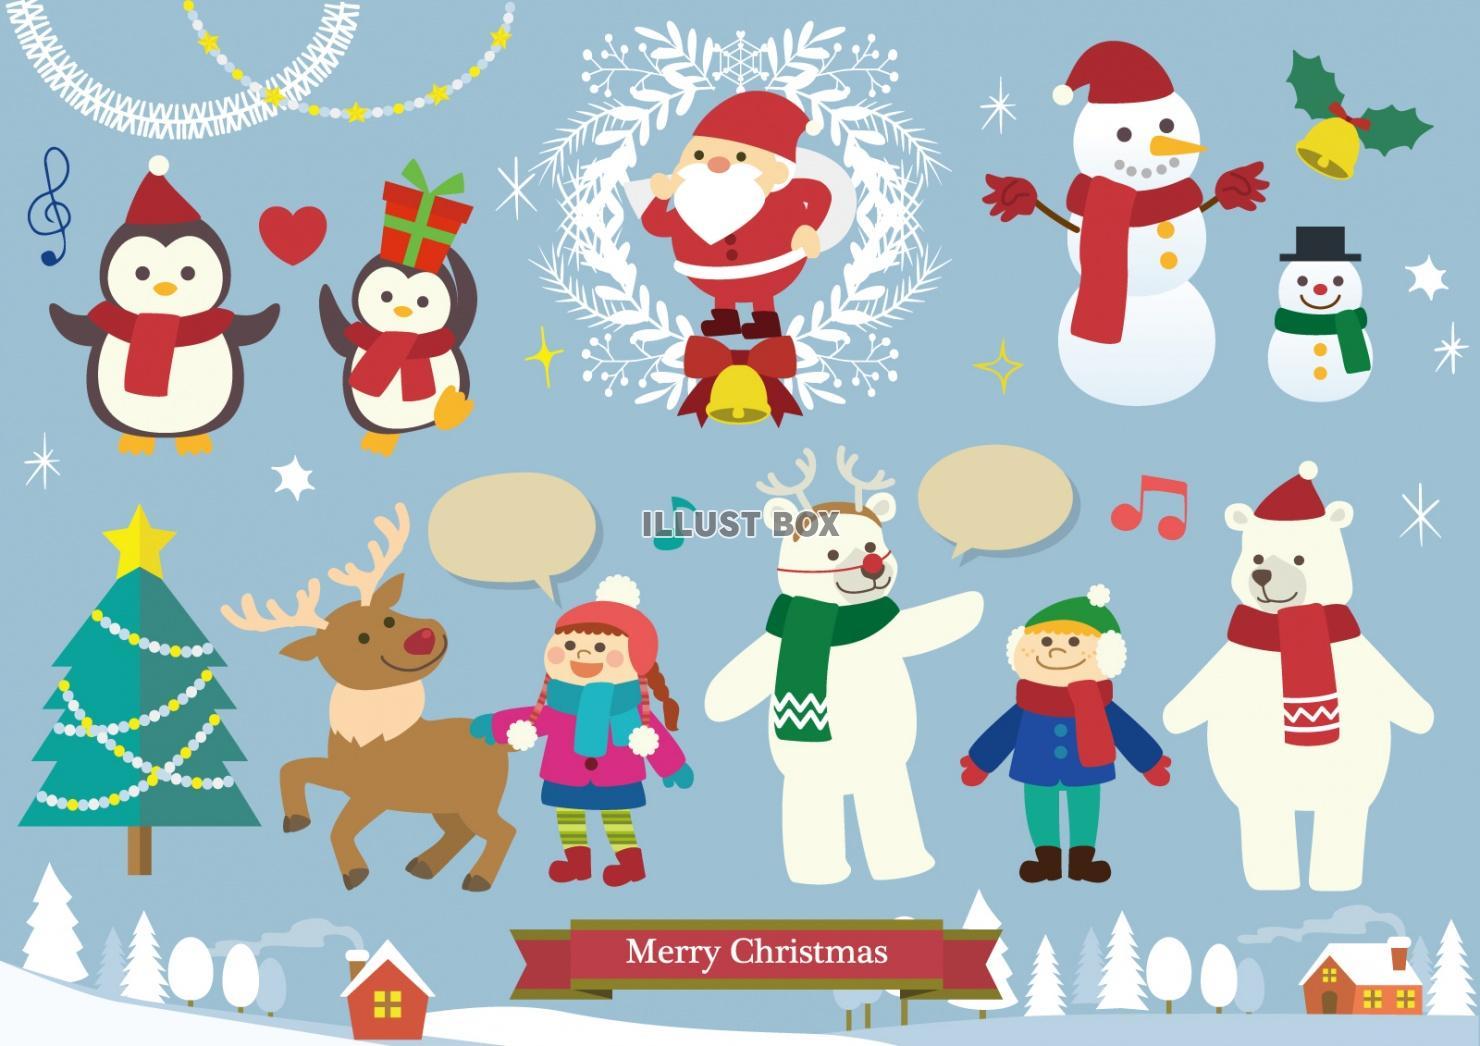 無料イラスト クリスマス動物イラストセット